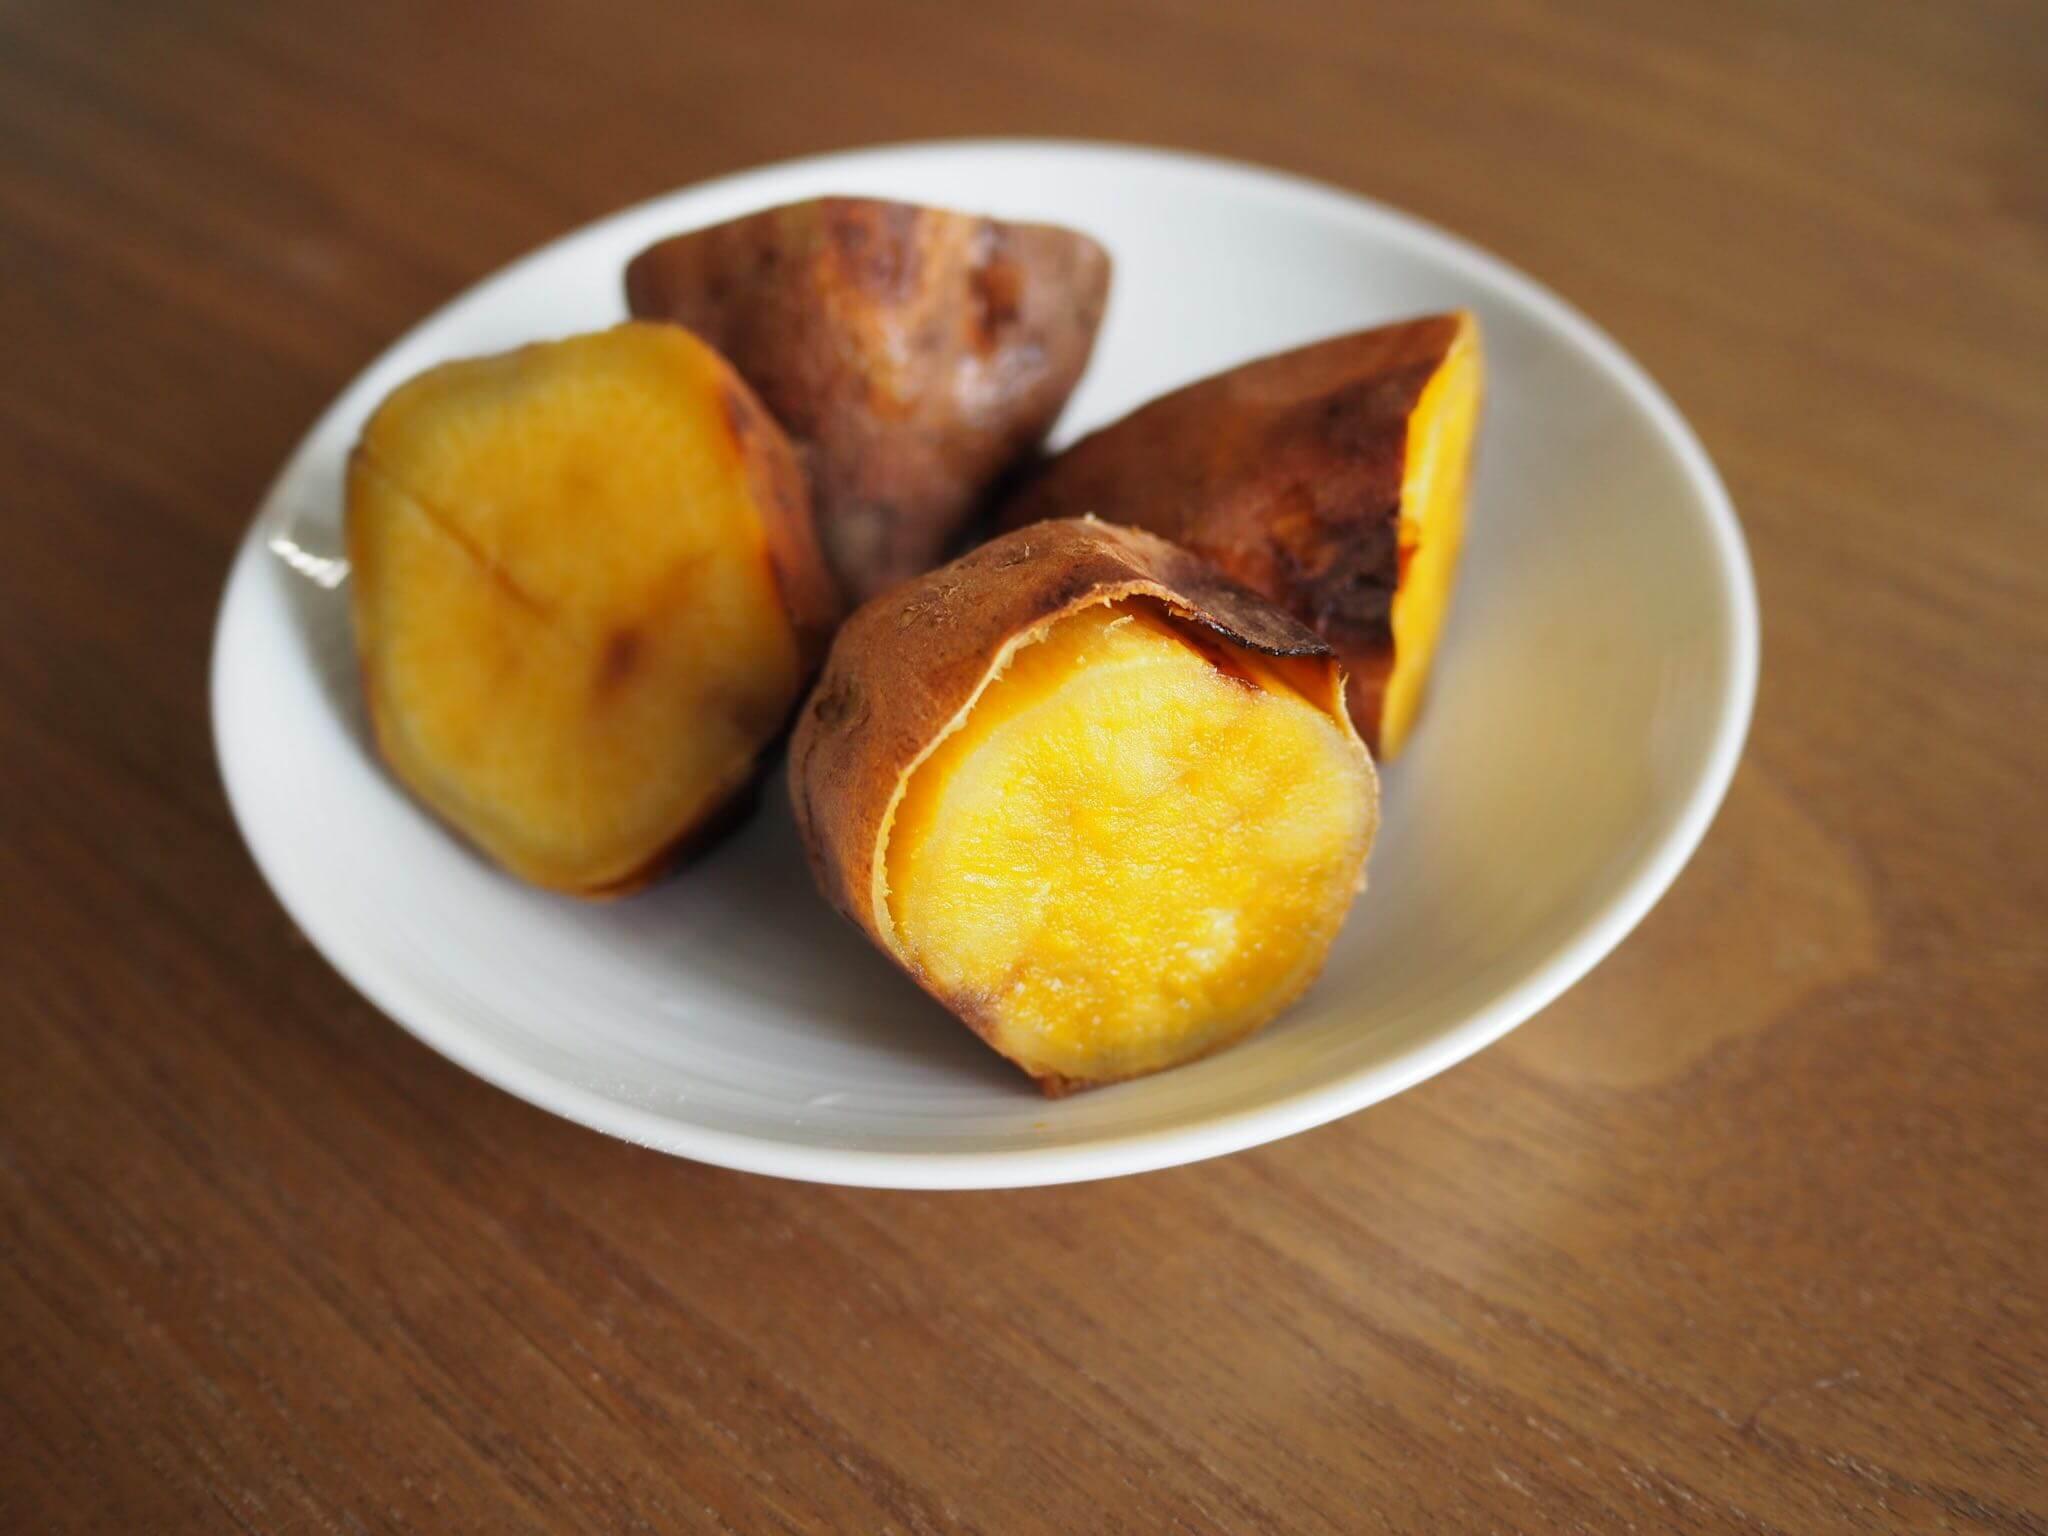 鹿児島空港の安納芋詰め放題がお得!ストウブで焼き芋にしたら美味しすぎた!